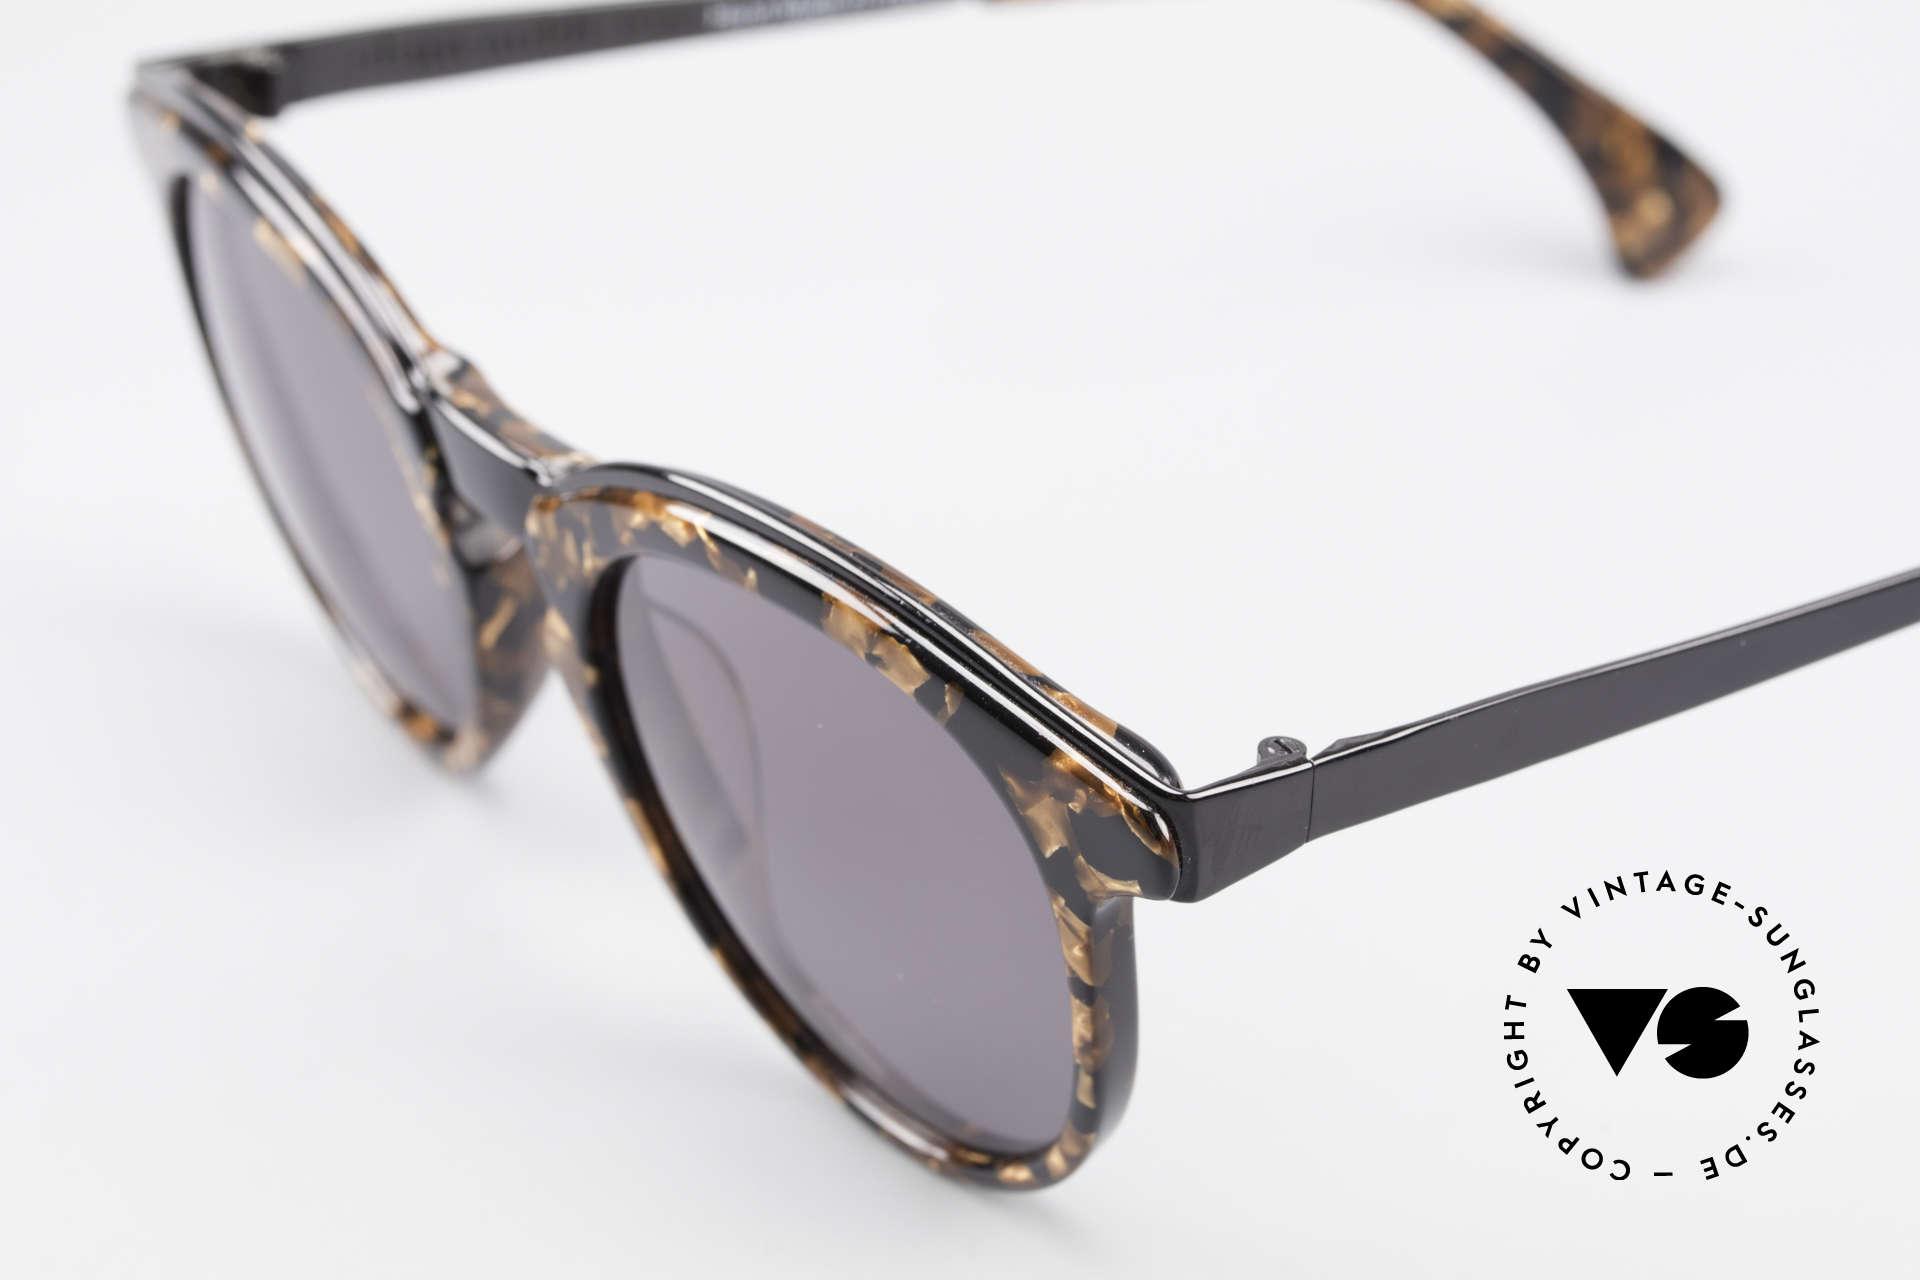 Alain Mikli 626 / 514 Alte 80er Panto Sonnenbrille, Top-Qualität & einzigartige Rahmen-Kolorierung, Passend für Herren und Damen